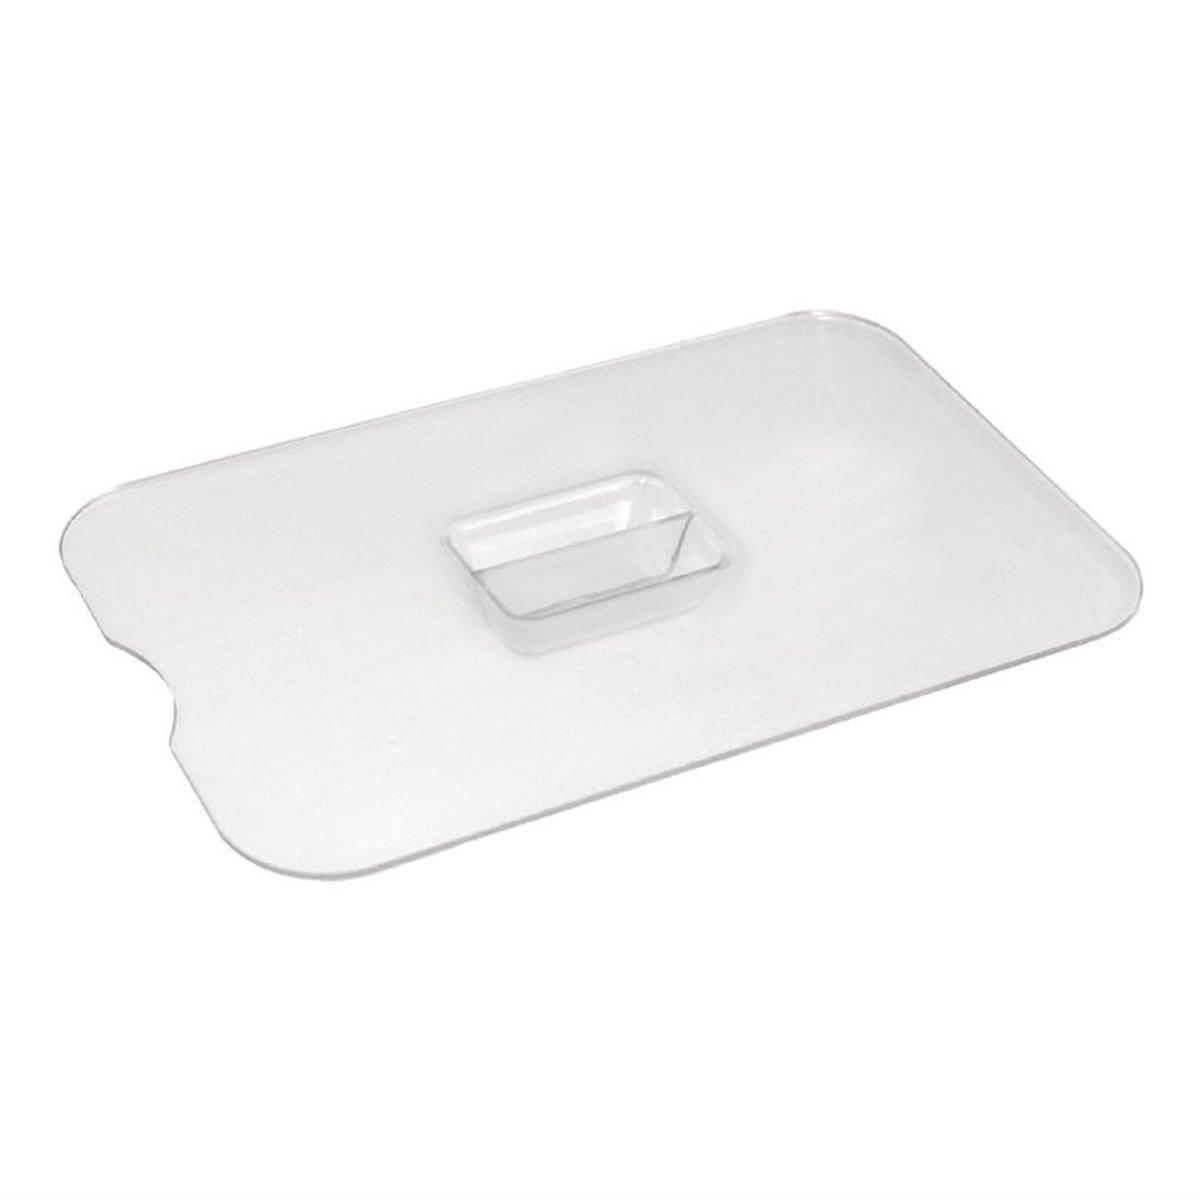 Kristallon plat deksel met lepeluitsparing voor 0.75ltr schaal kopen